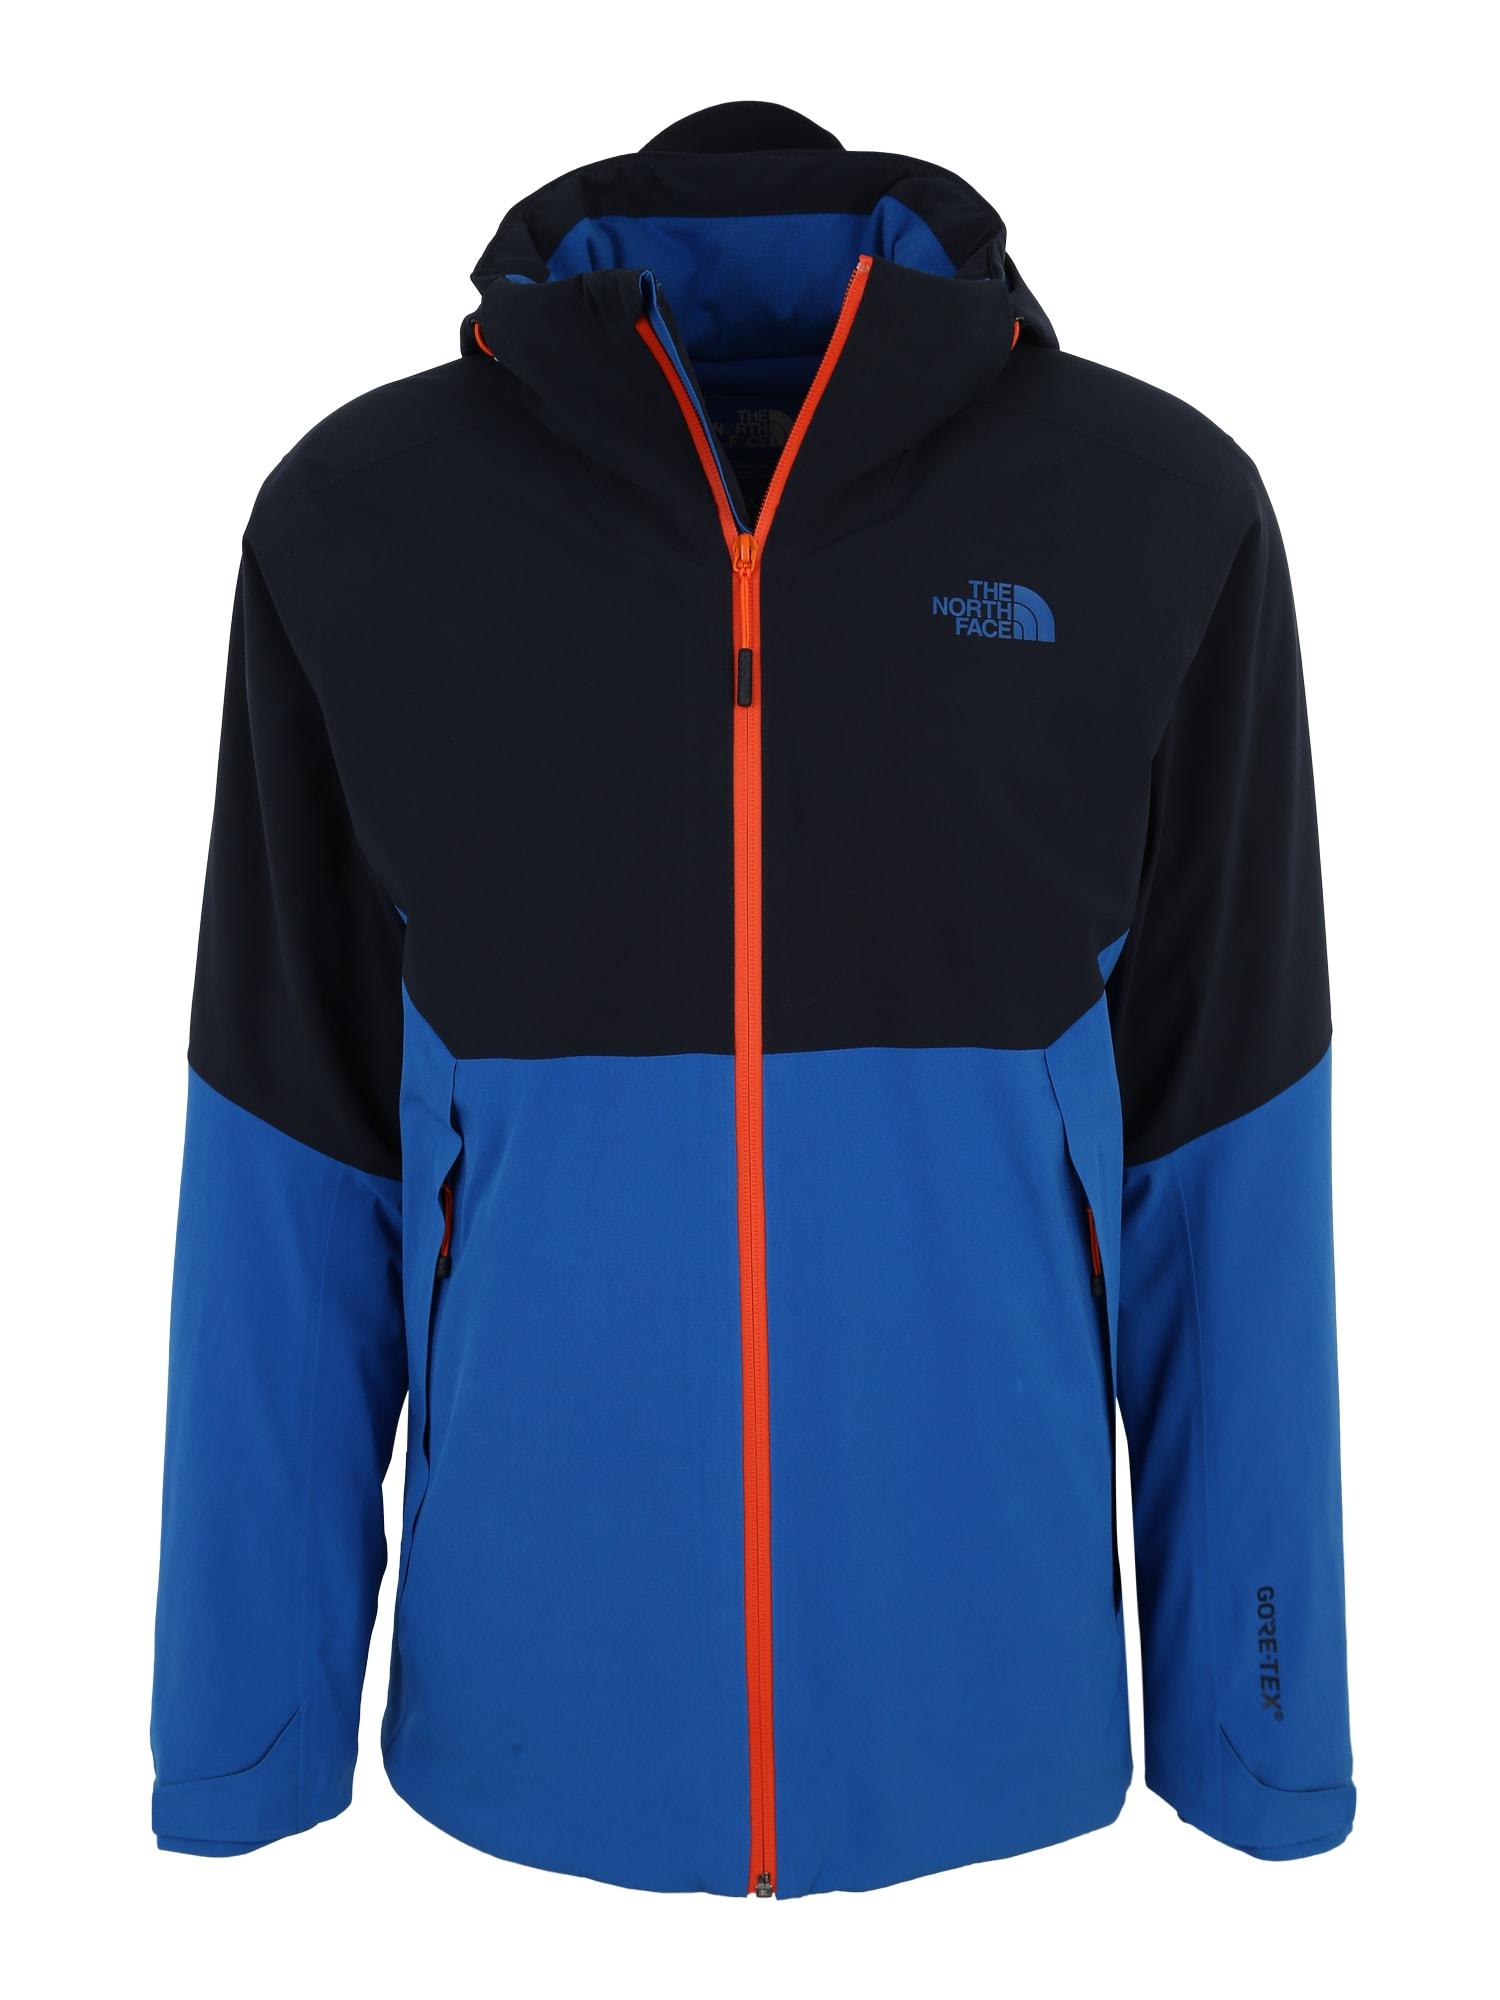 Outdoorová bunda Apex Flex GTX 2.0 modrá ultramarínová modř svítivě oranžová THE NORTH FACE